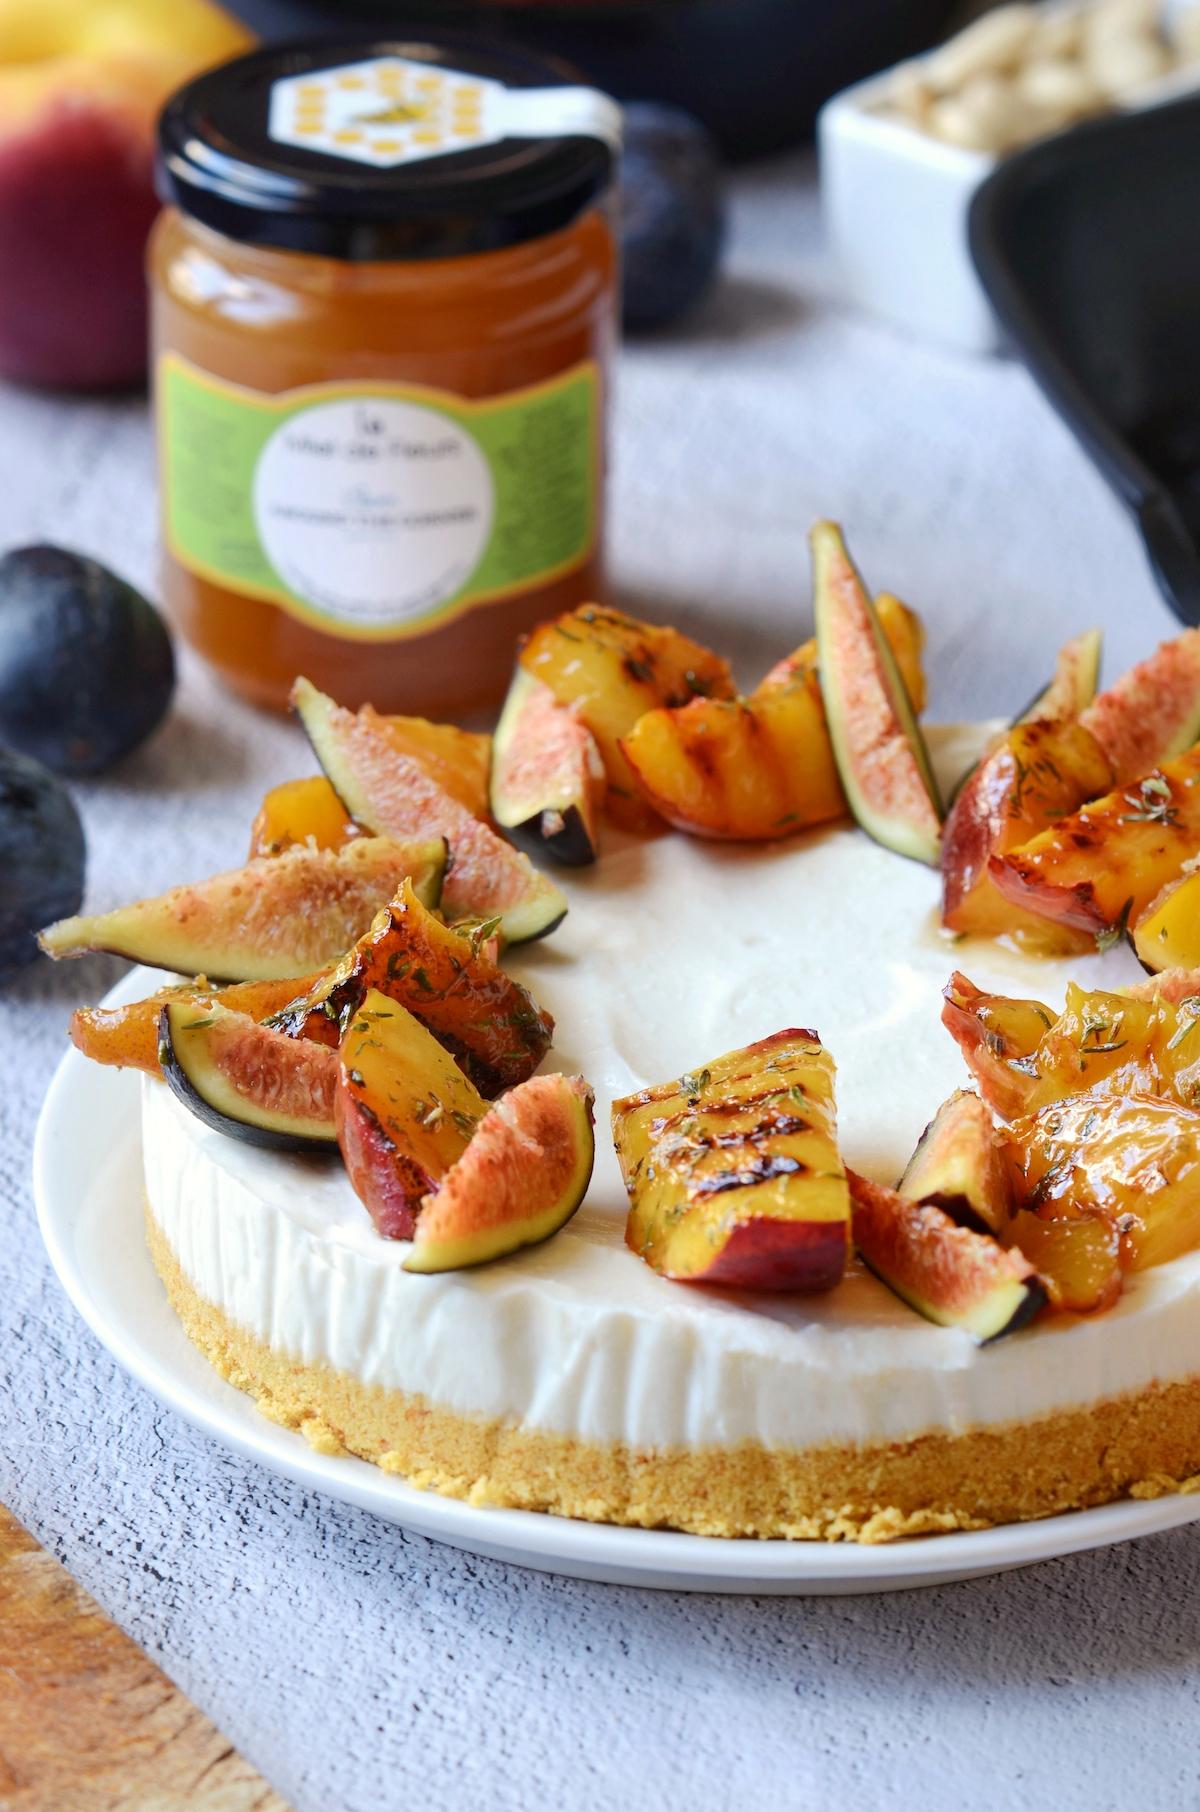 recette pas à pas cheesecake salé chèvre pêche dessert original